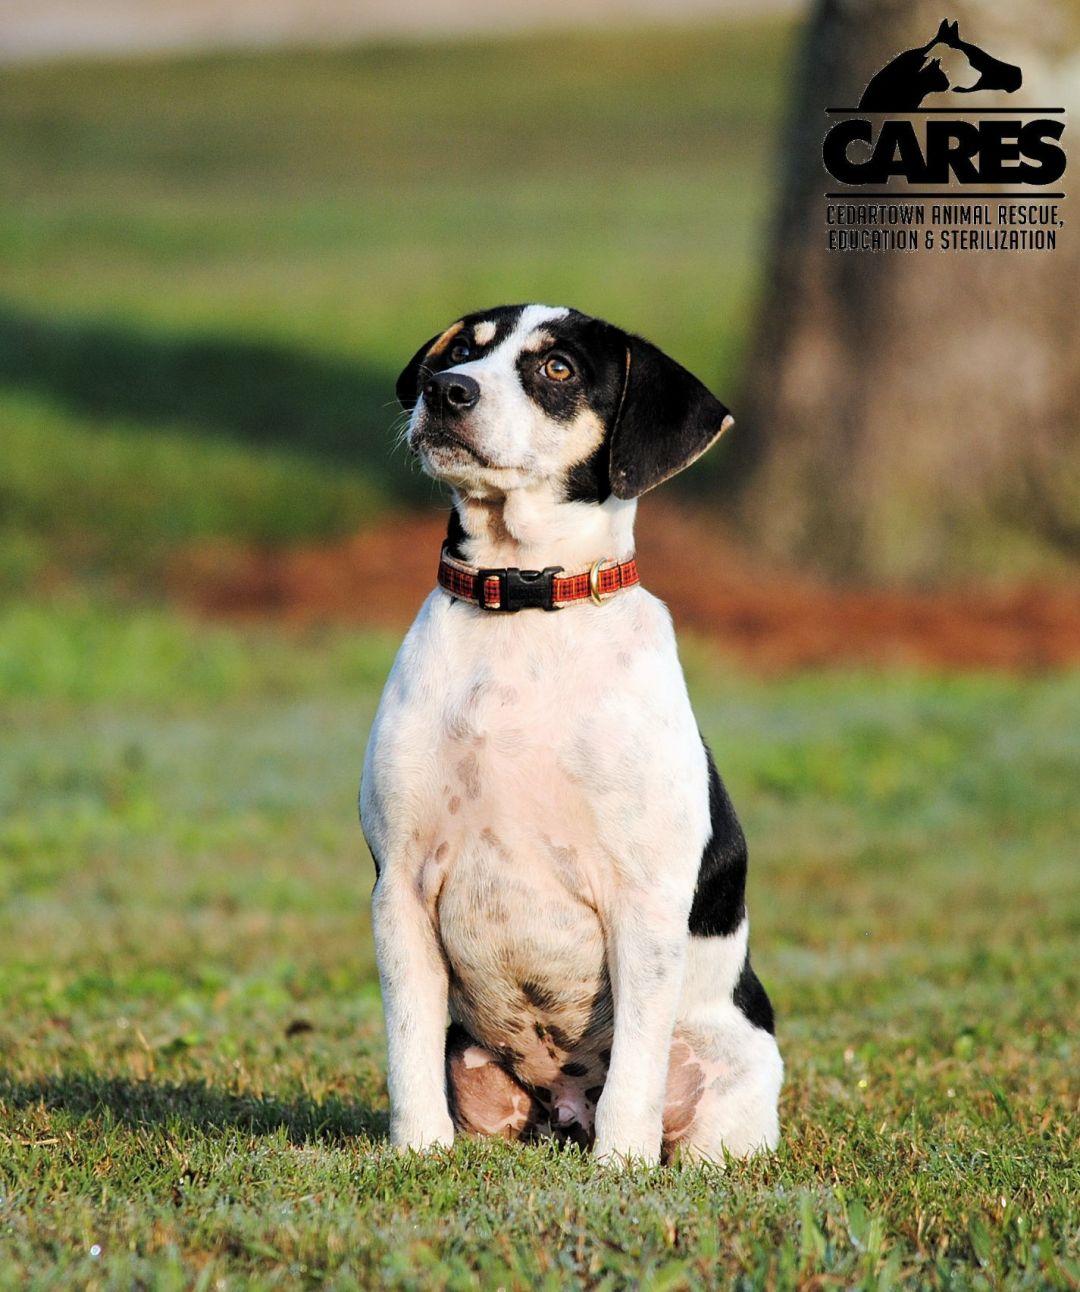 Dexter Cedartown Animal Rescue